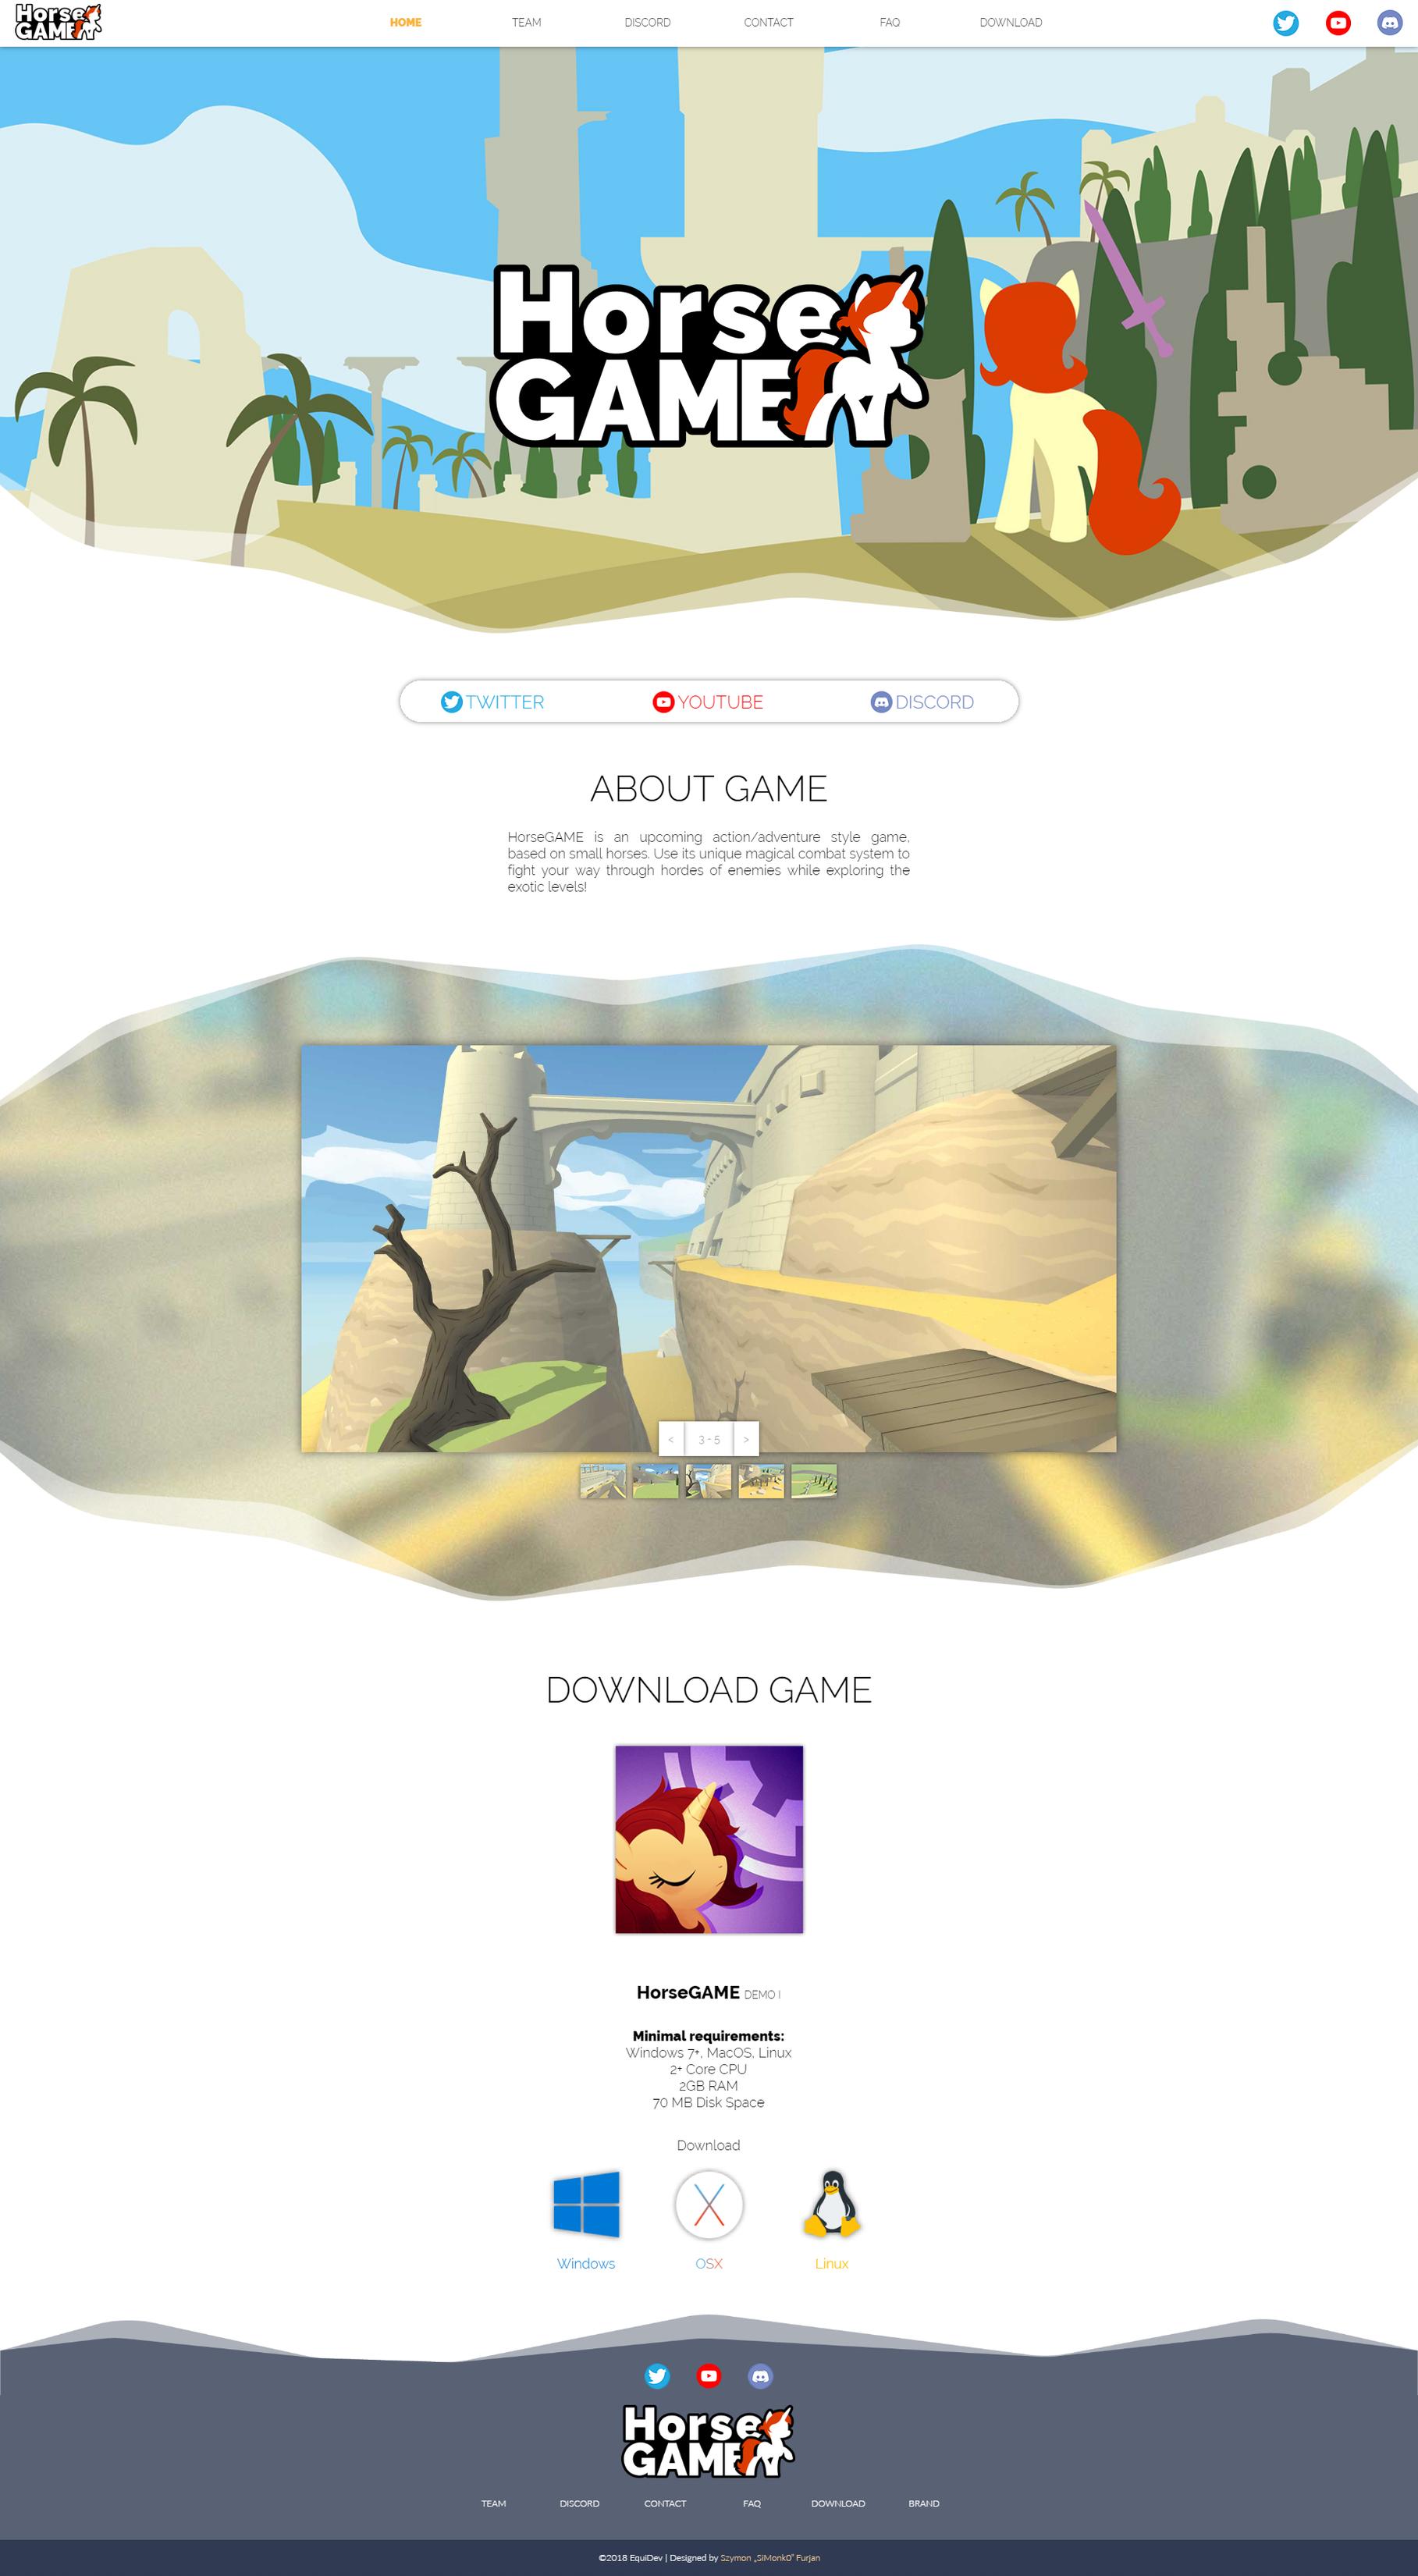 HorseGAME Website by SiMonk0